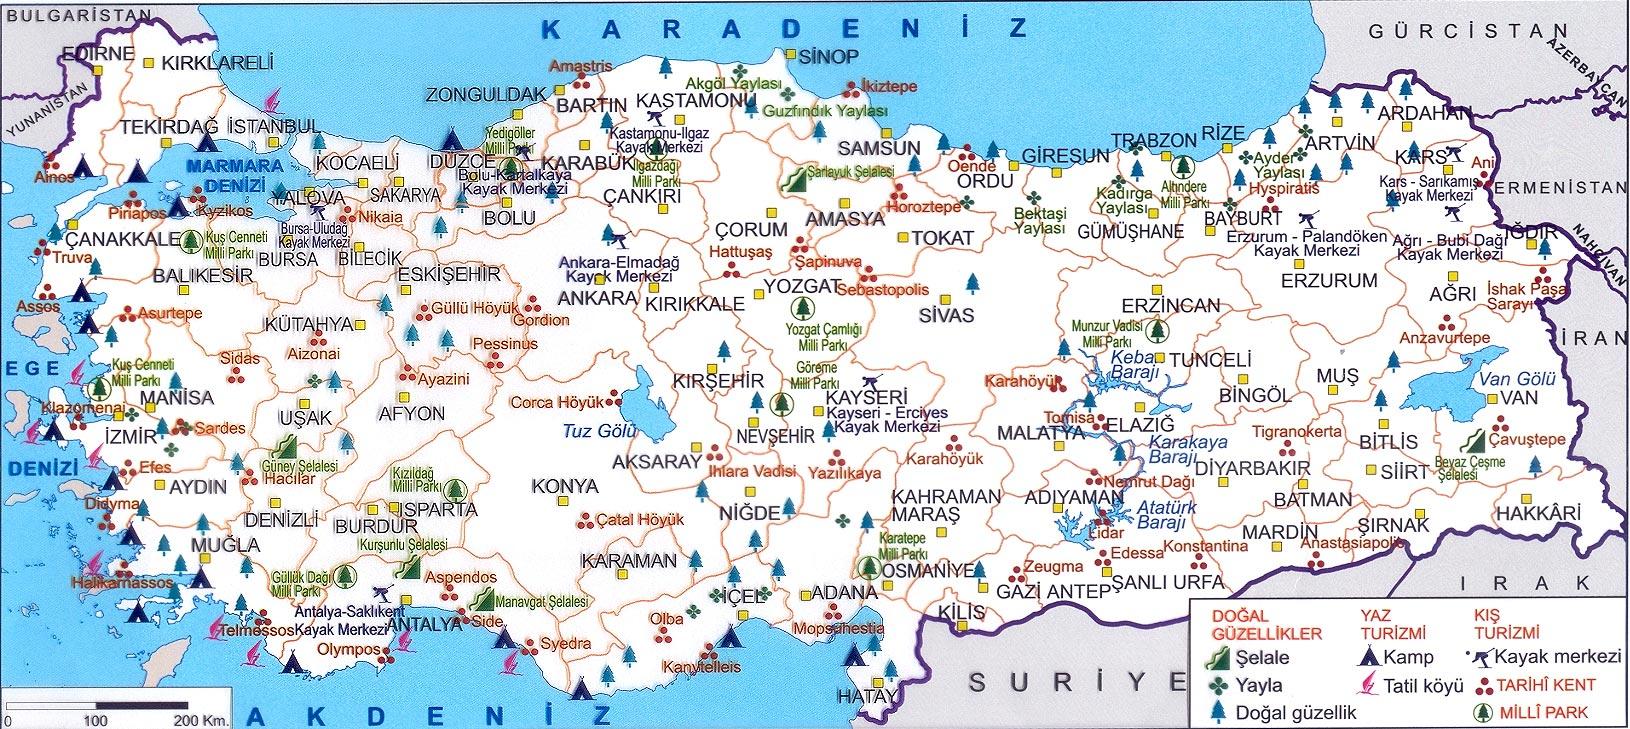 Türkiye'nin doğal güzellikleri ve milli parkları haritası büyük